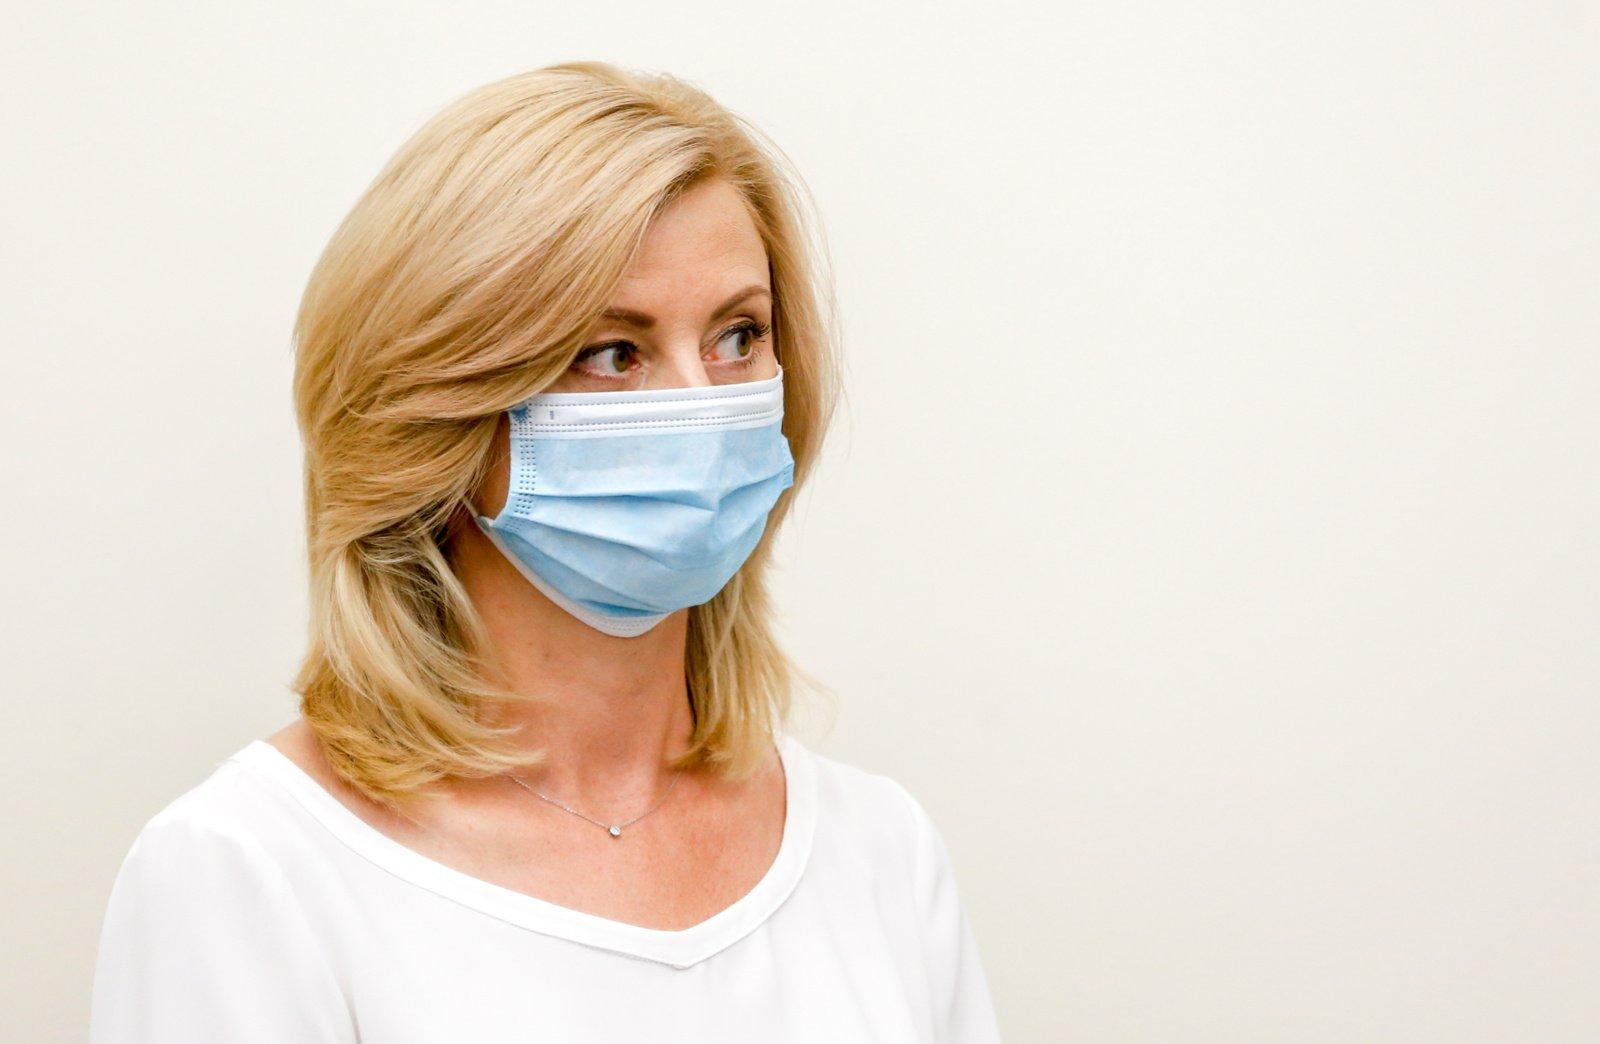 R. Tamašunienė apie koronaviruso plitimą: situacija bloga ir tikrai nepagerės artimiausiomis dienomis